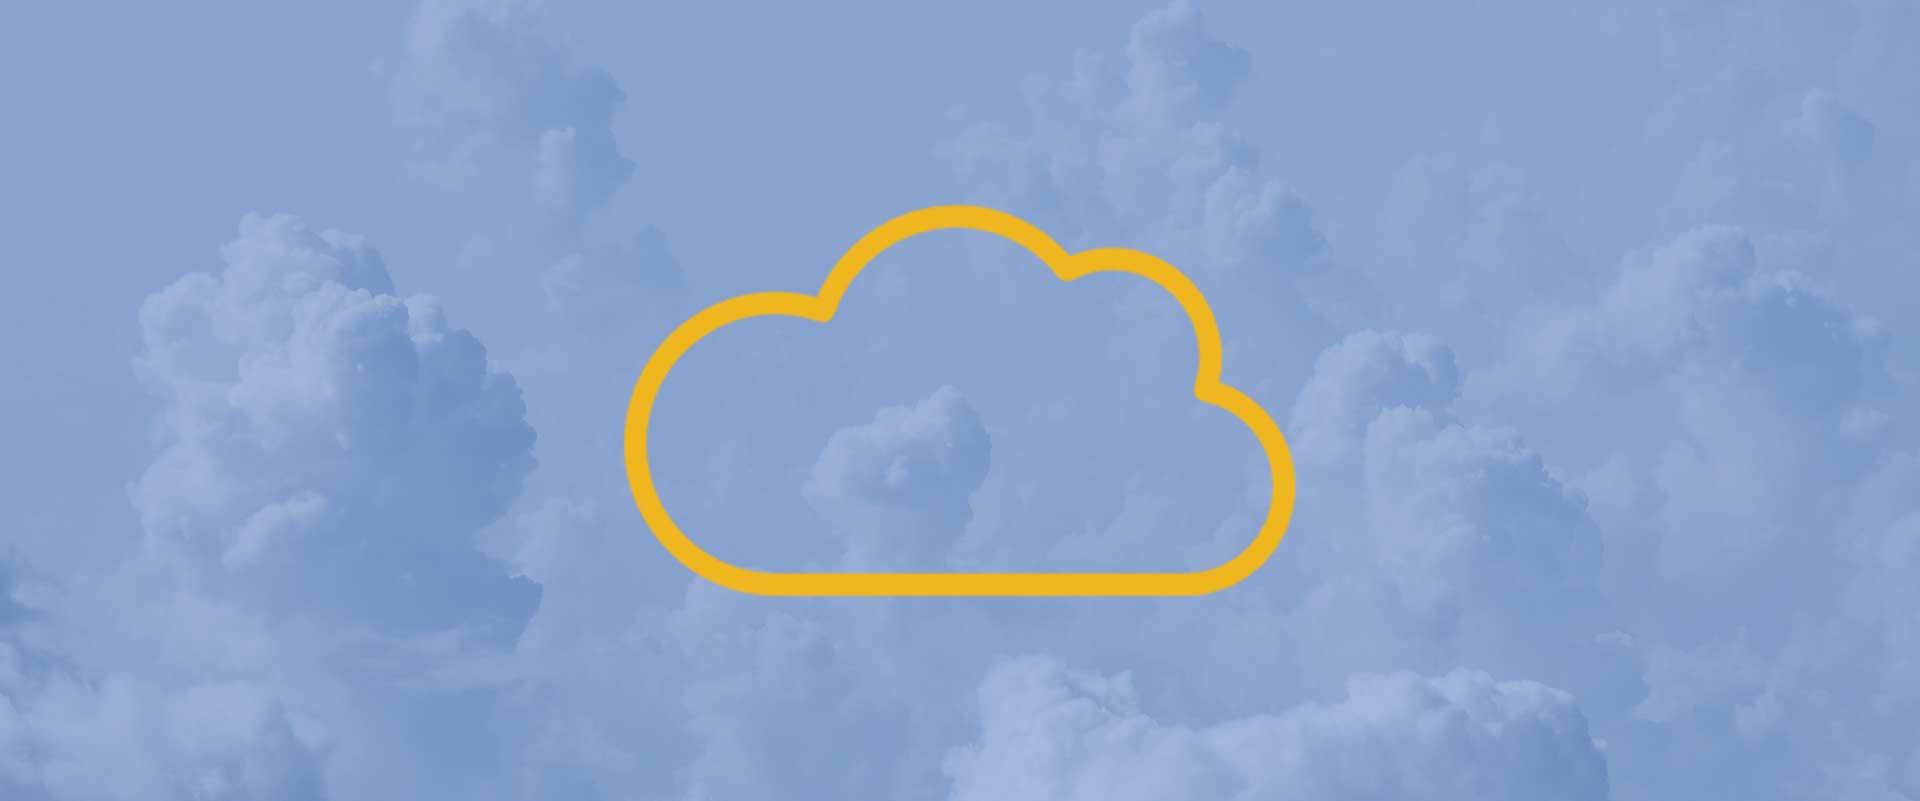 cloud-tech-2